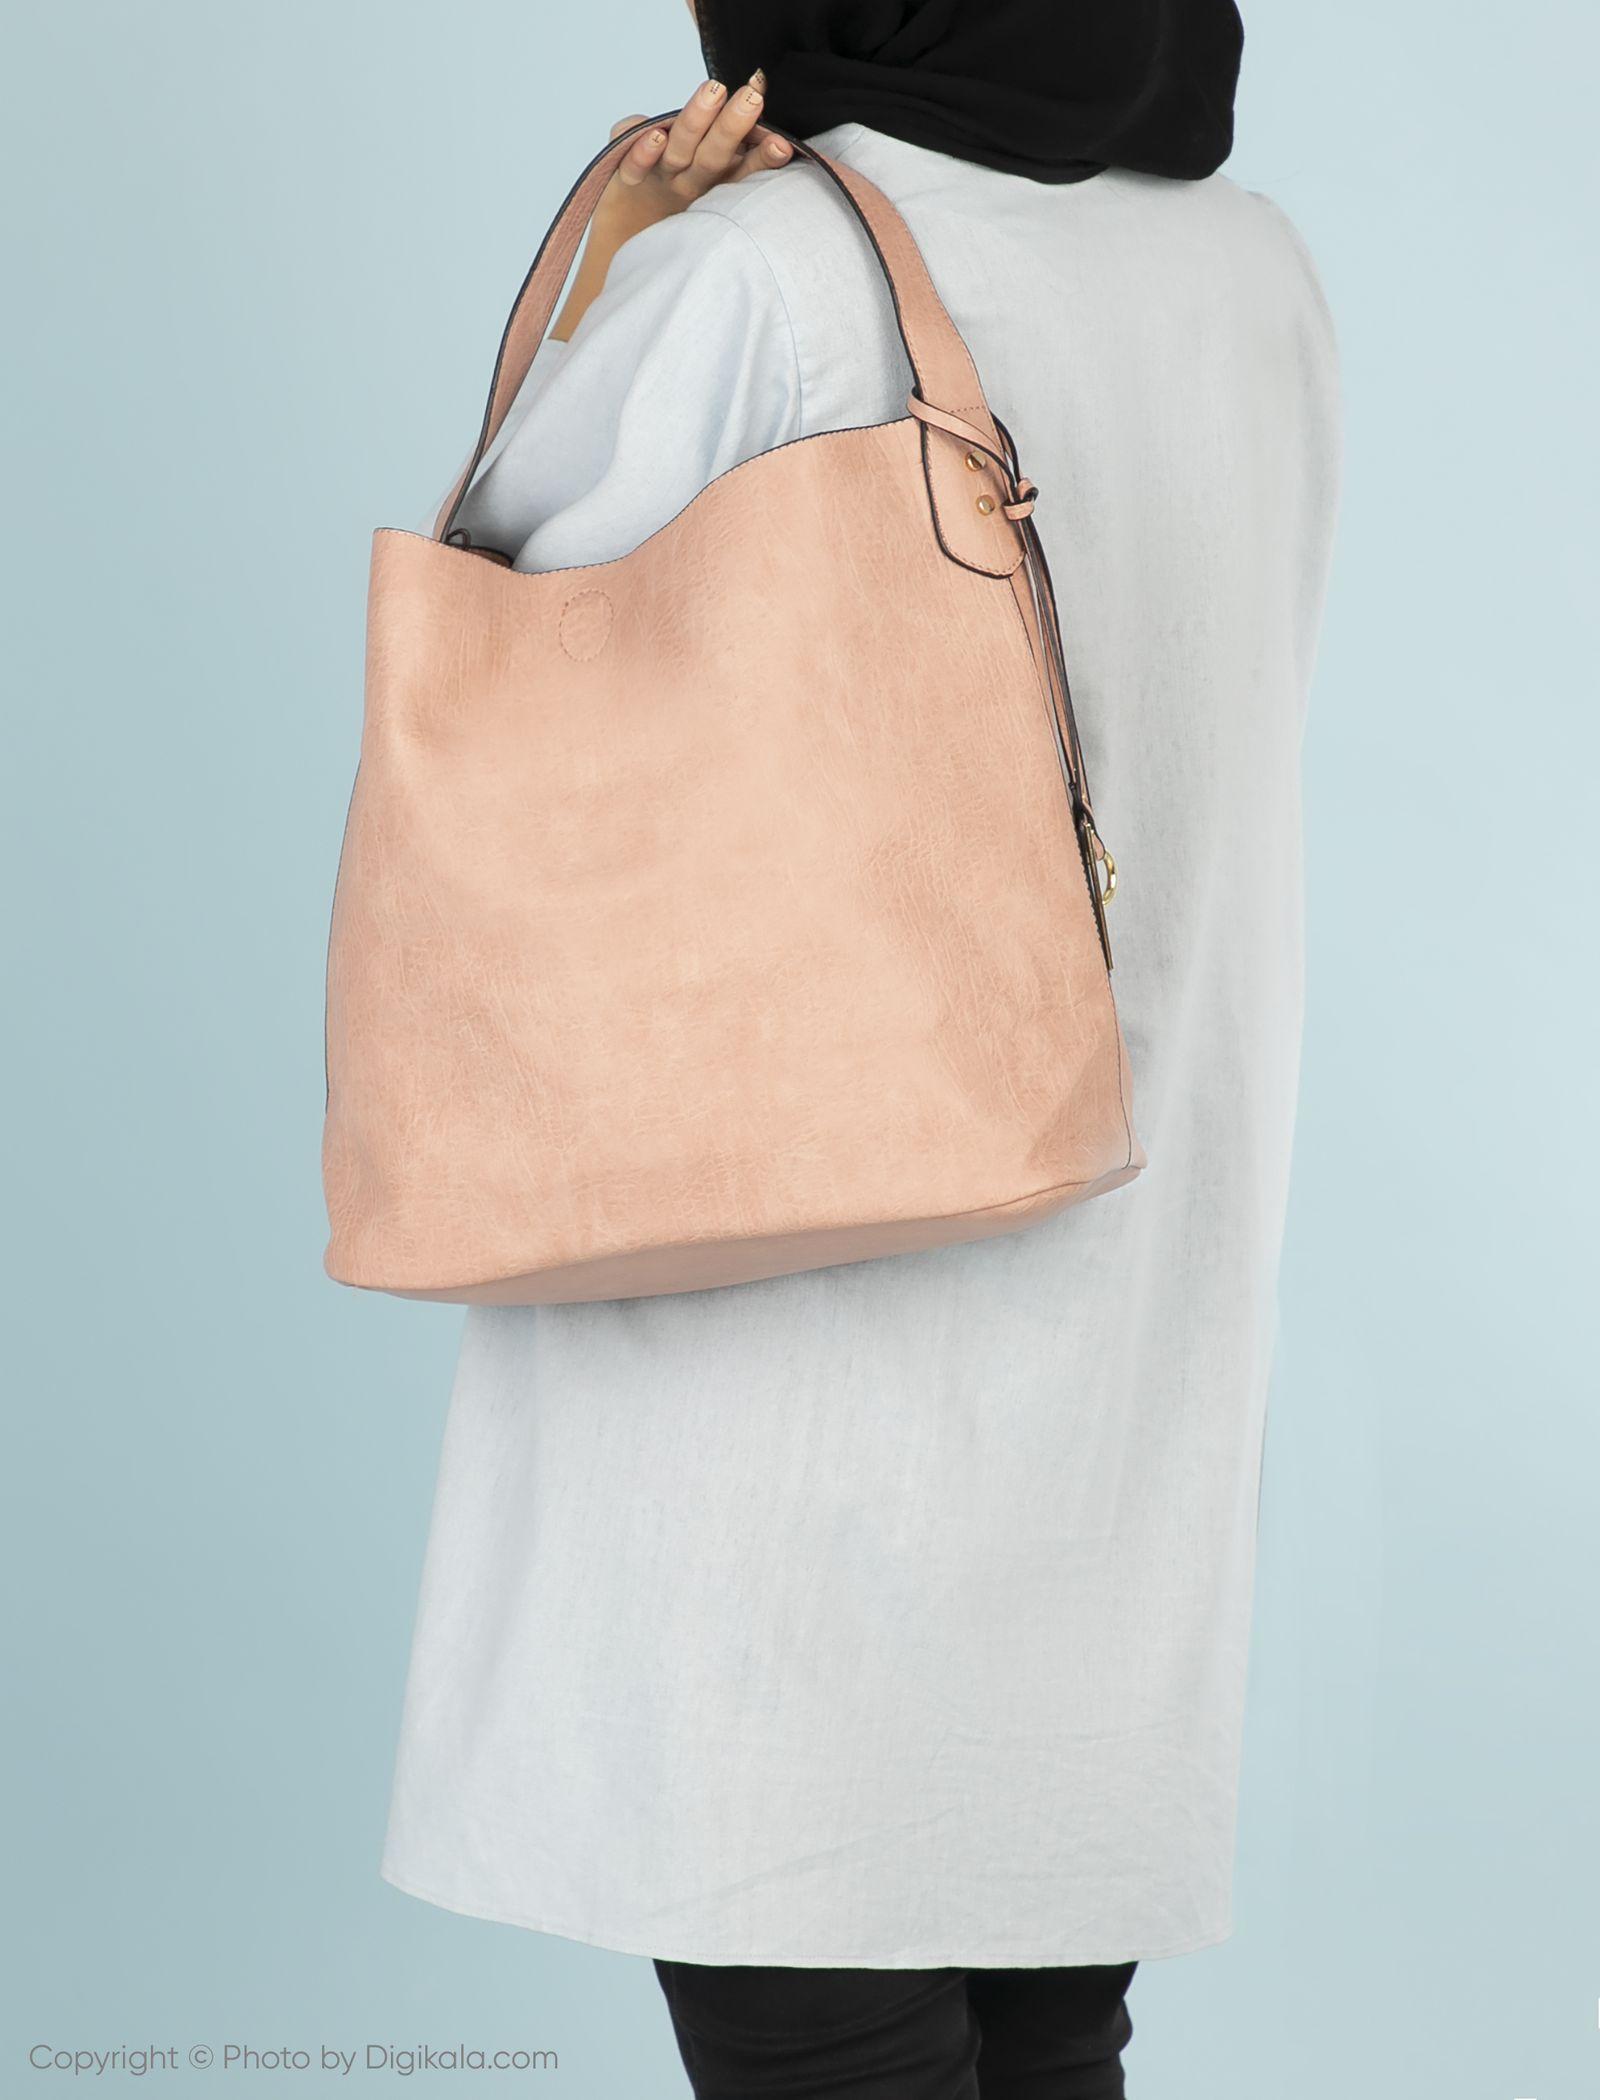 کیف دستی روزمره زنانه - دادلین تک سایز - صورتي - 3